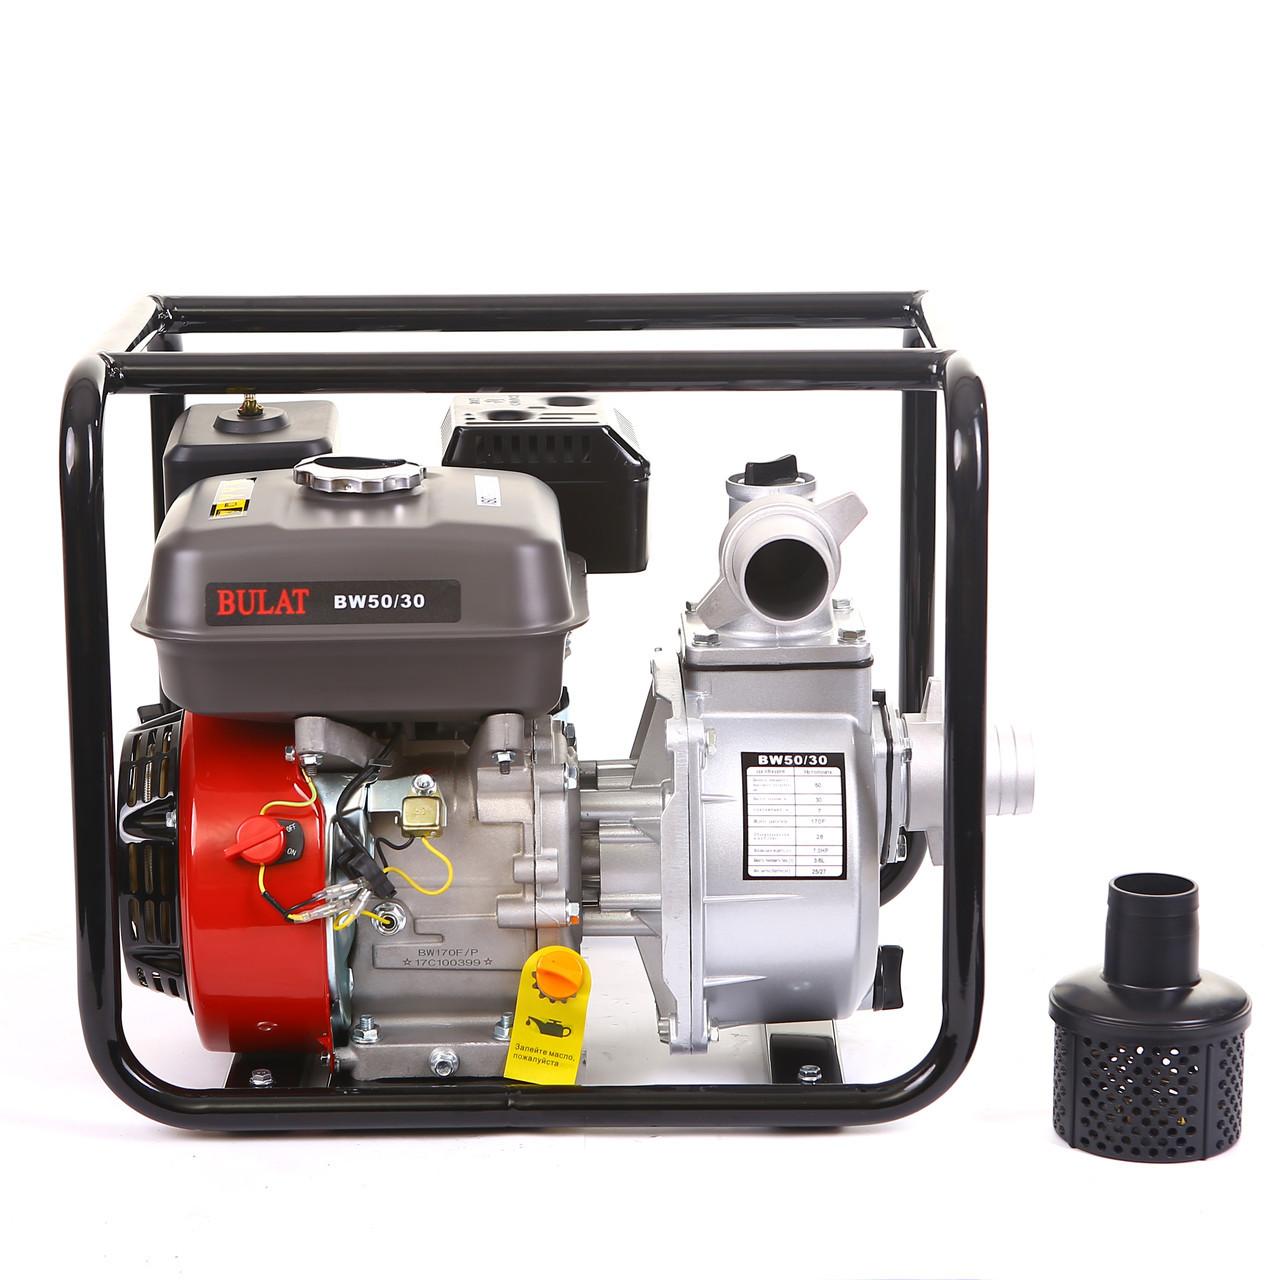 Мотопомпа BULAT BW50-30 (50 мм, 28 куб.м/ч) (Weima 50-30)